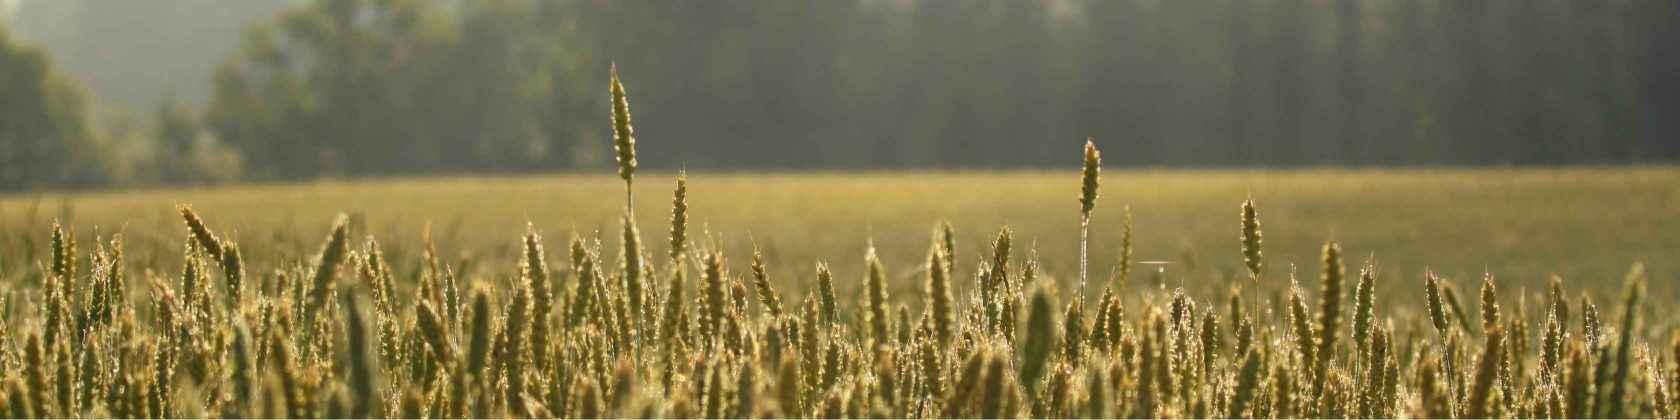 Viljapelto taustalla, edessä pulleita vehnäntähkiä